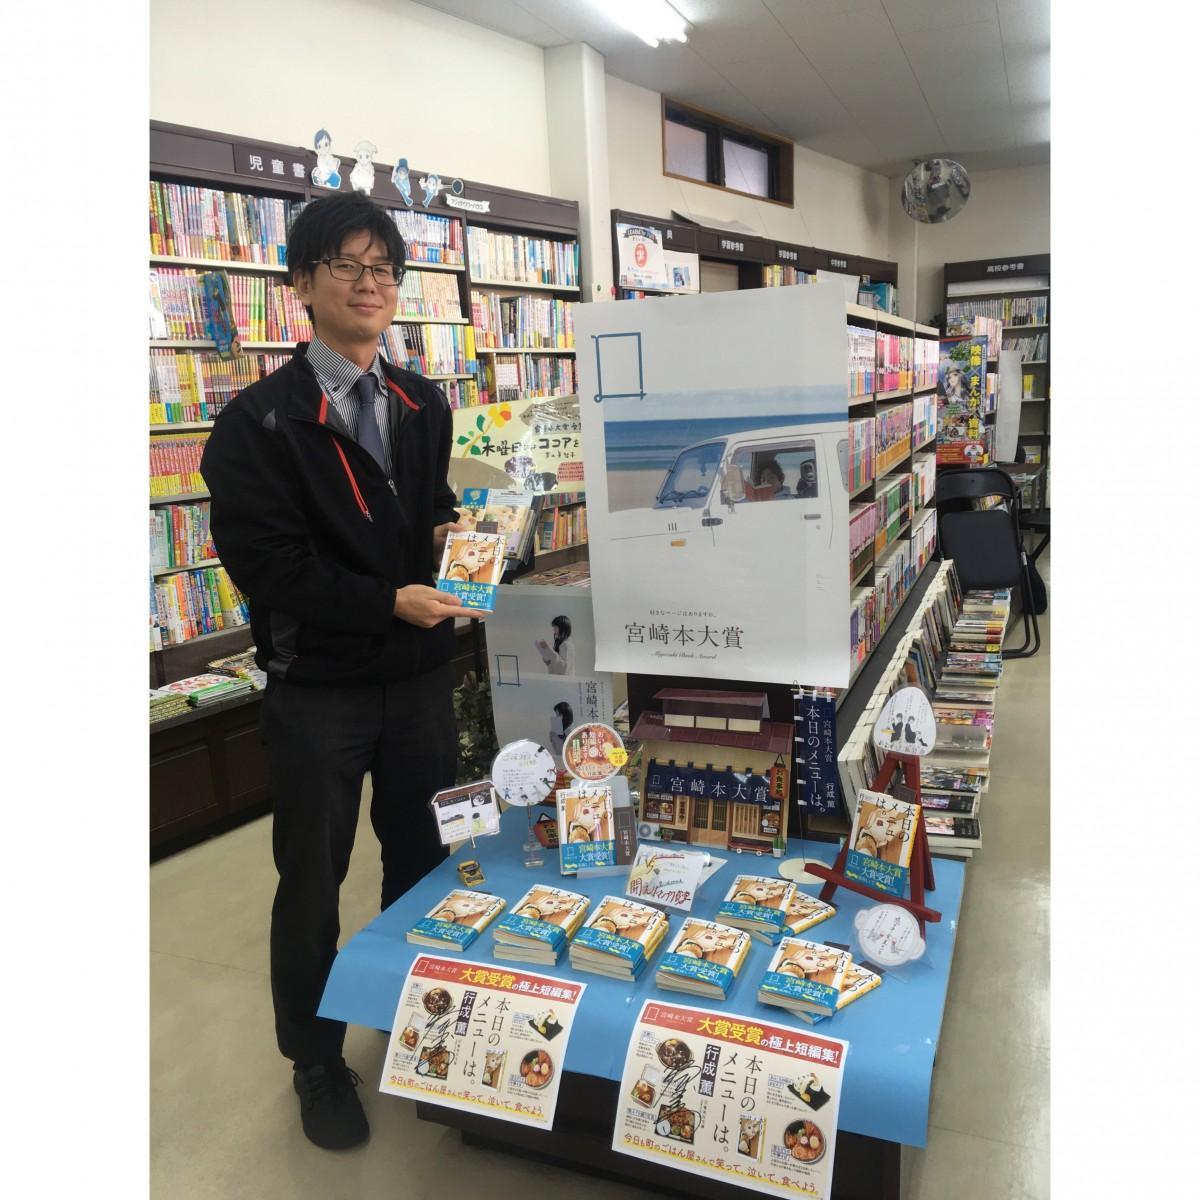 受賞作を手に、実行委員長を務める津江書店の寺田さん